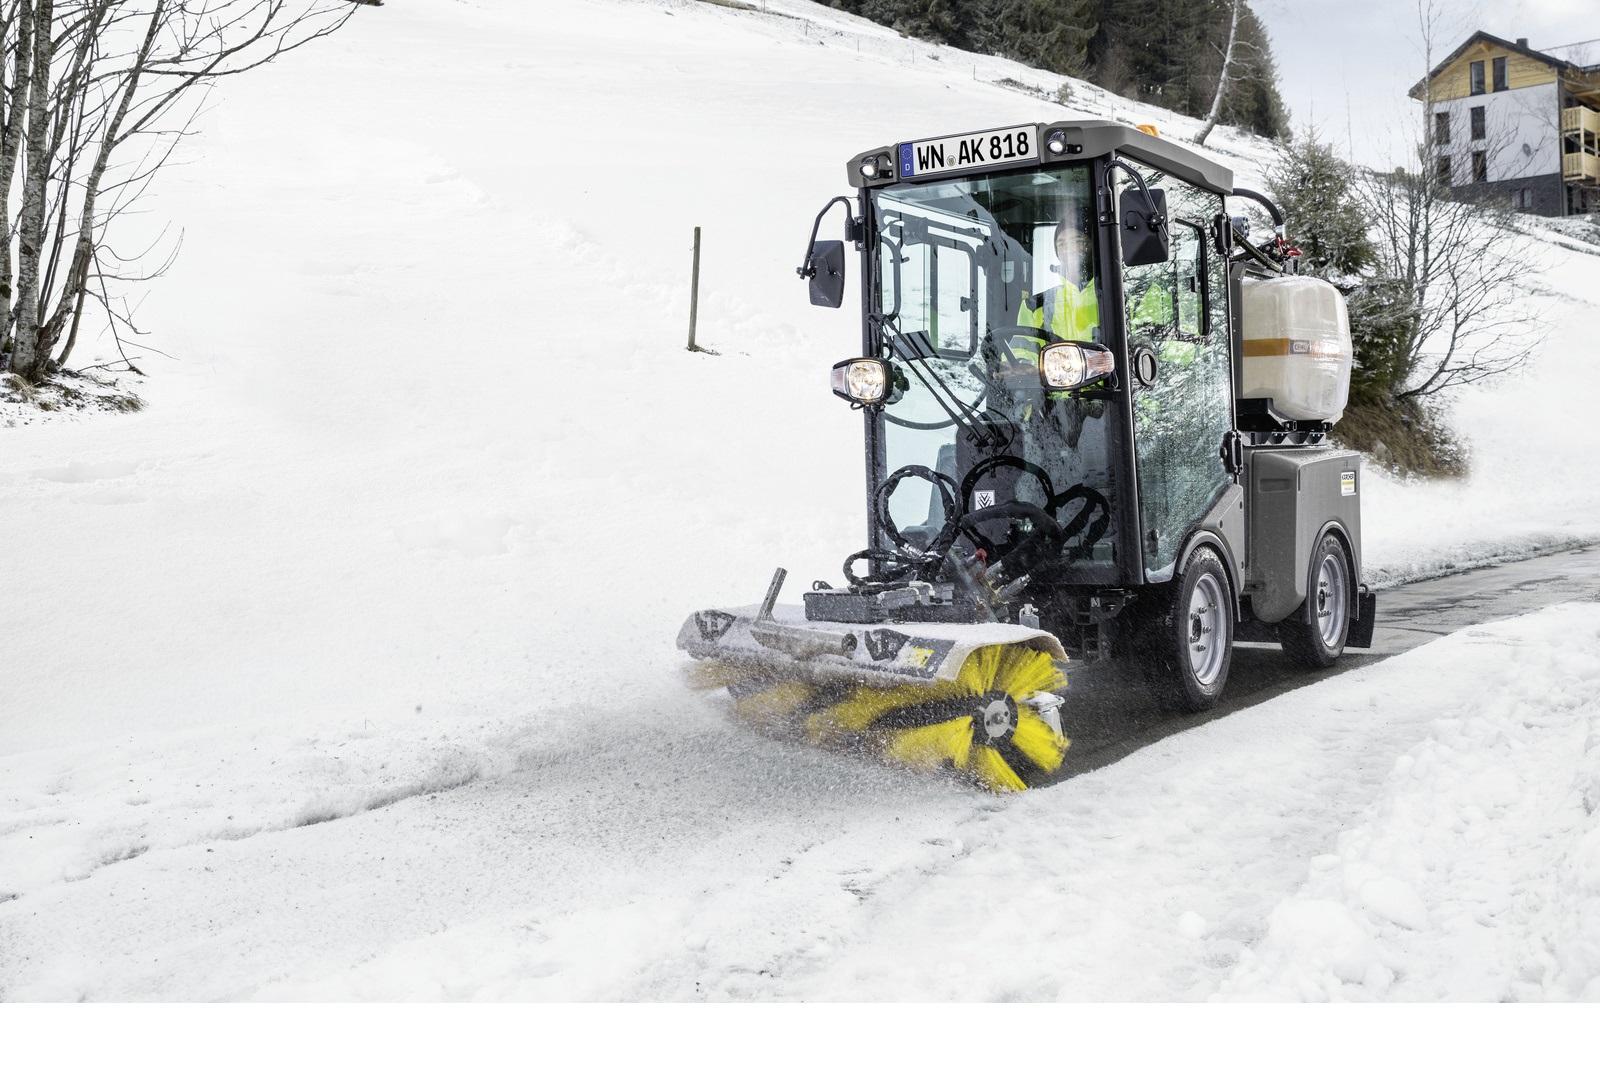 下雪就是通知,雪停就是命令,开着德国卡赫MIC市政多功能清扫车一起扫雪!